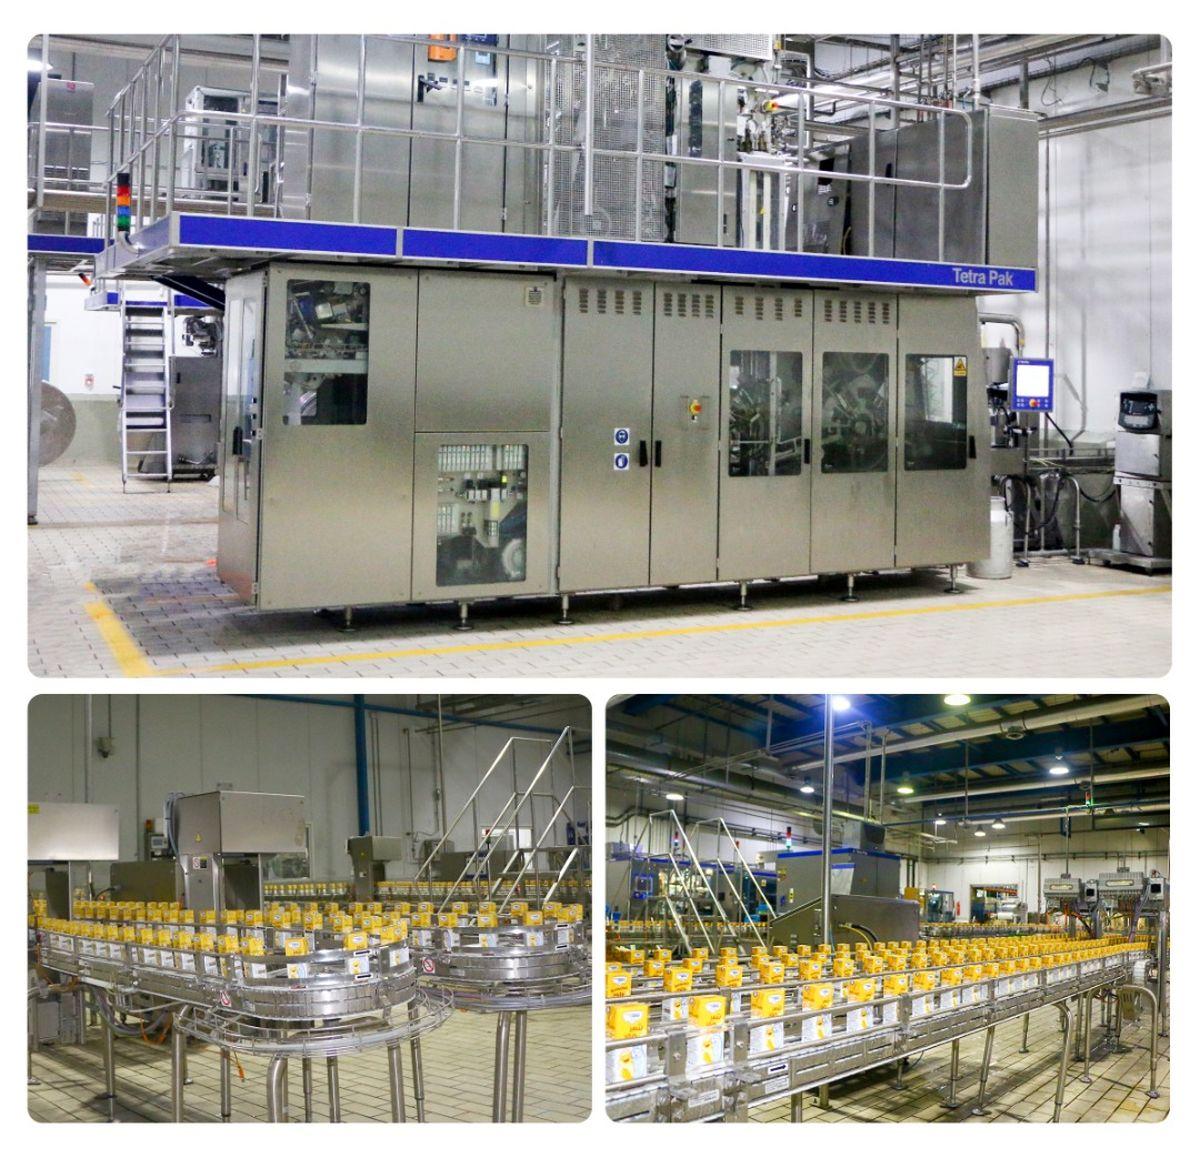 رشد ۲۰۰ درصدی تولید و صرفه جویی ارزی در پگاه ارومیه